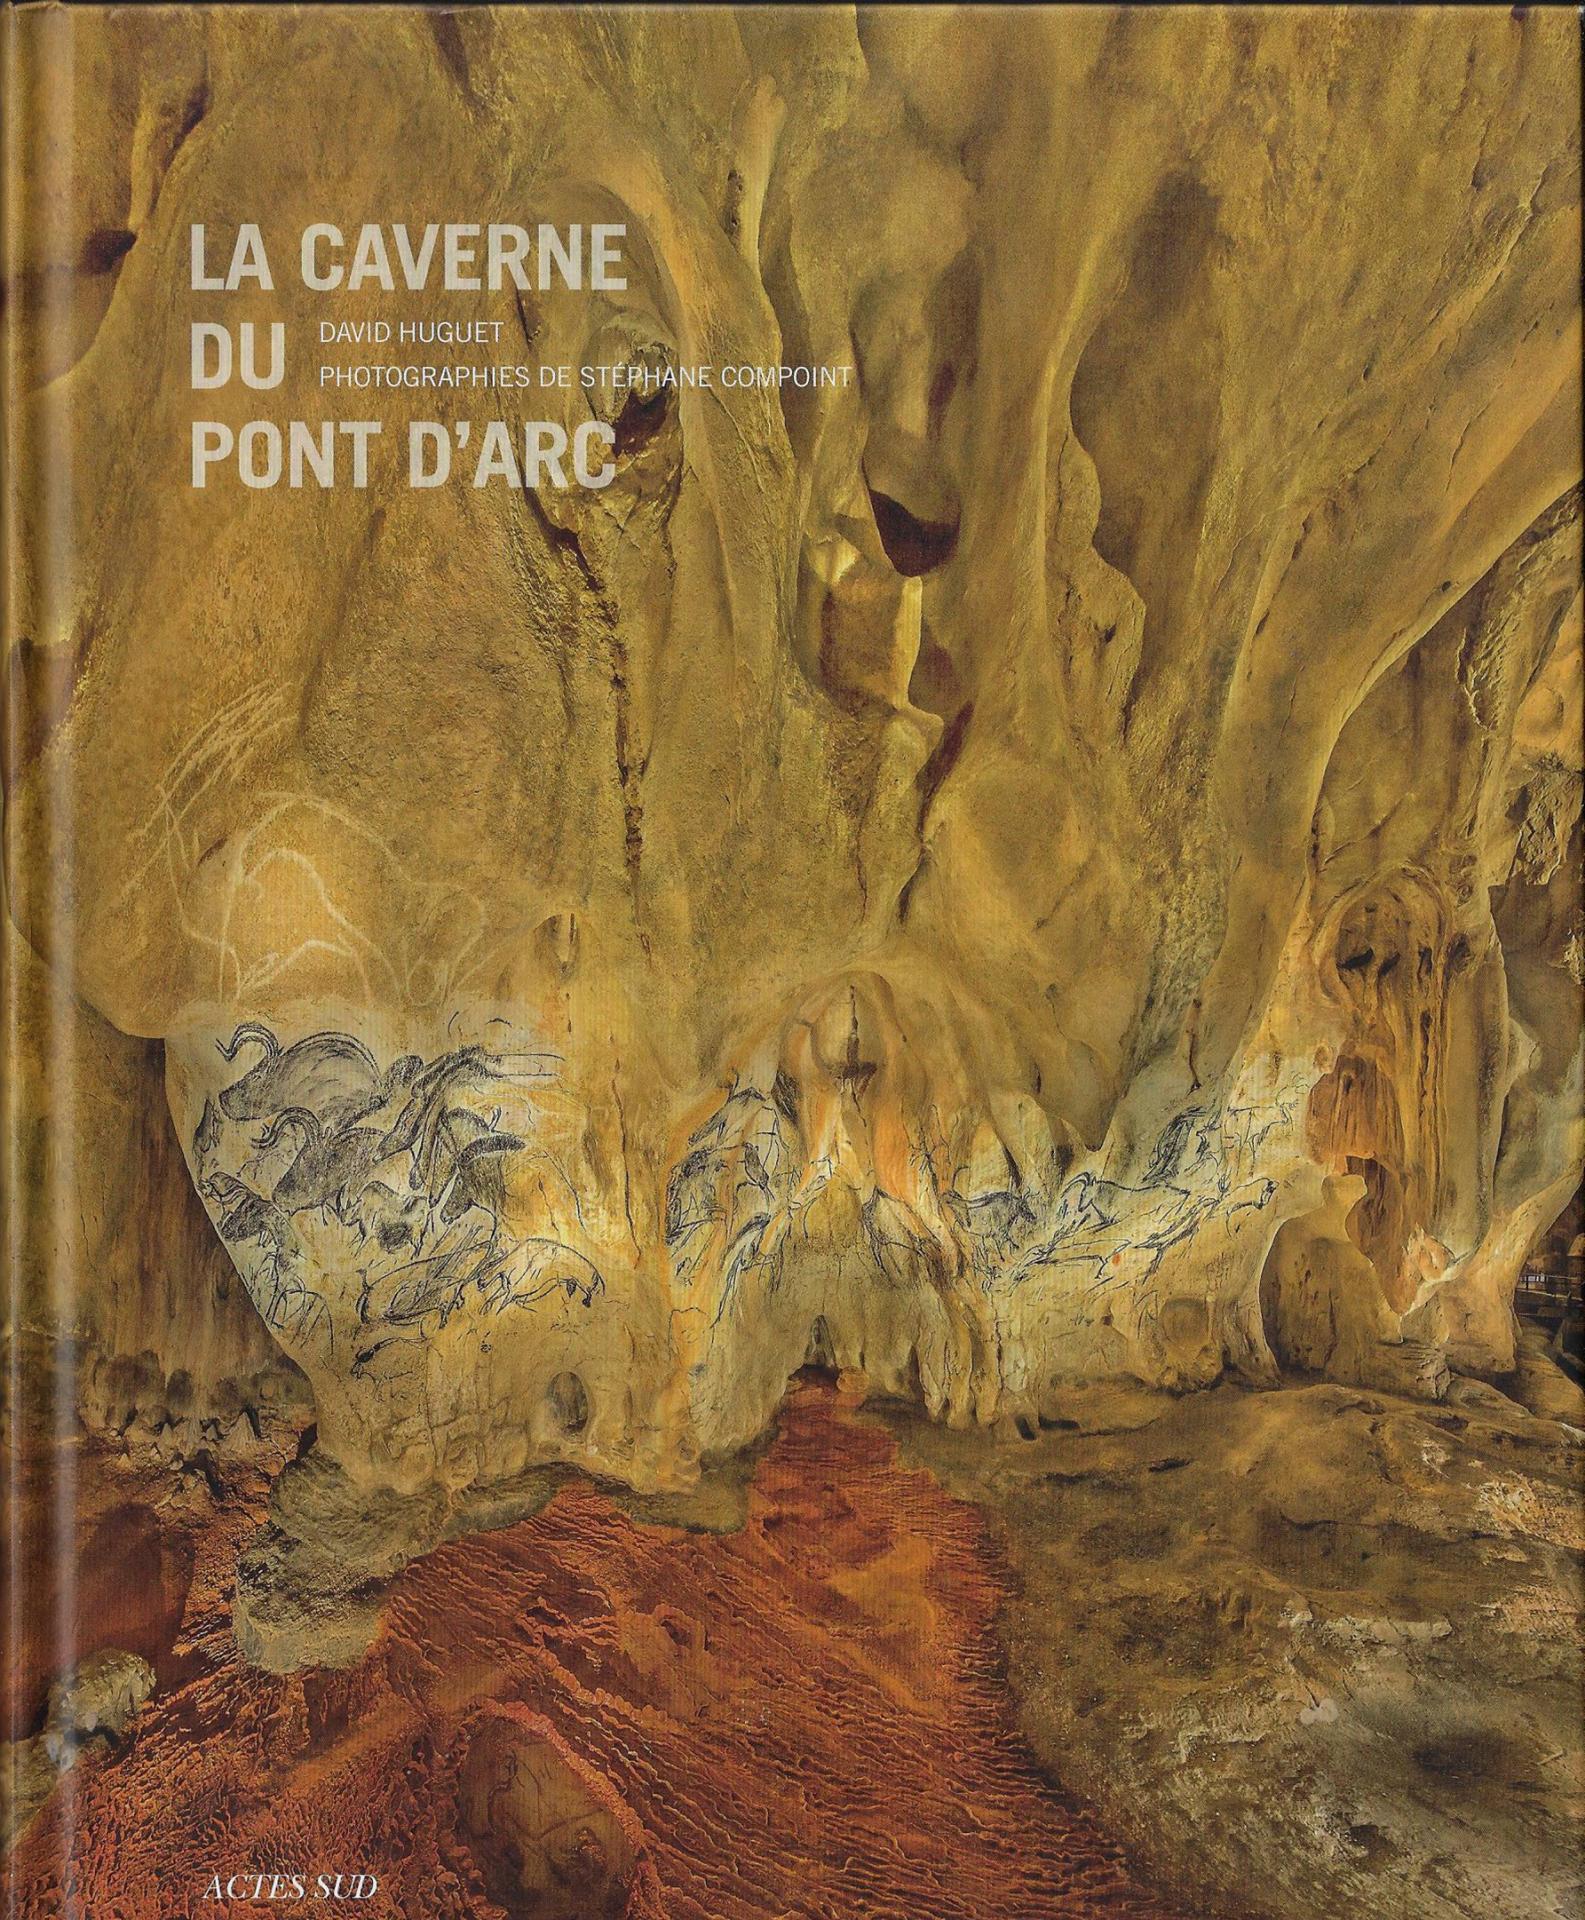 Caverne du pont d arc